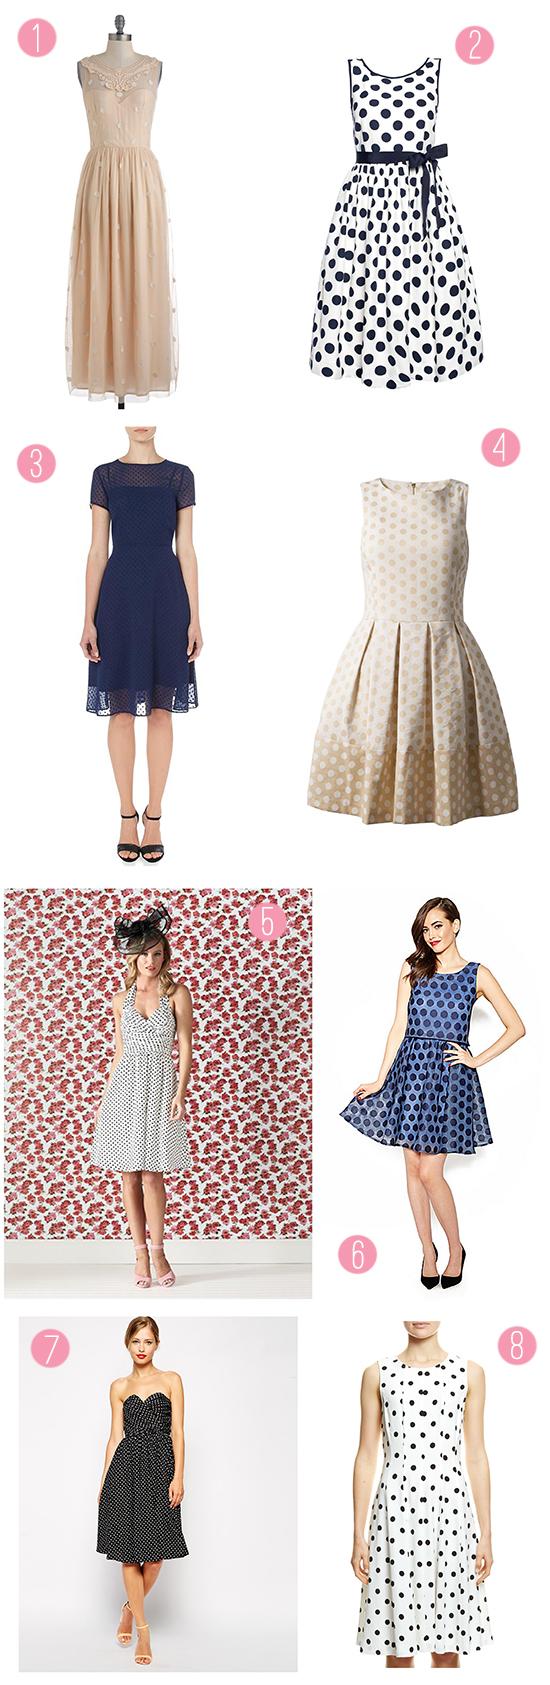 polka dot bridesmaid dress Polka Dot Bridesmaid Dresses